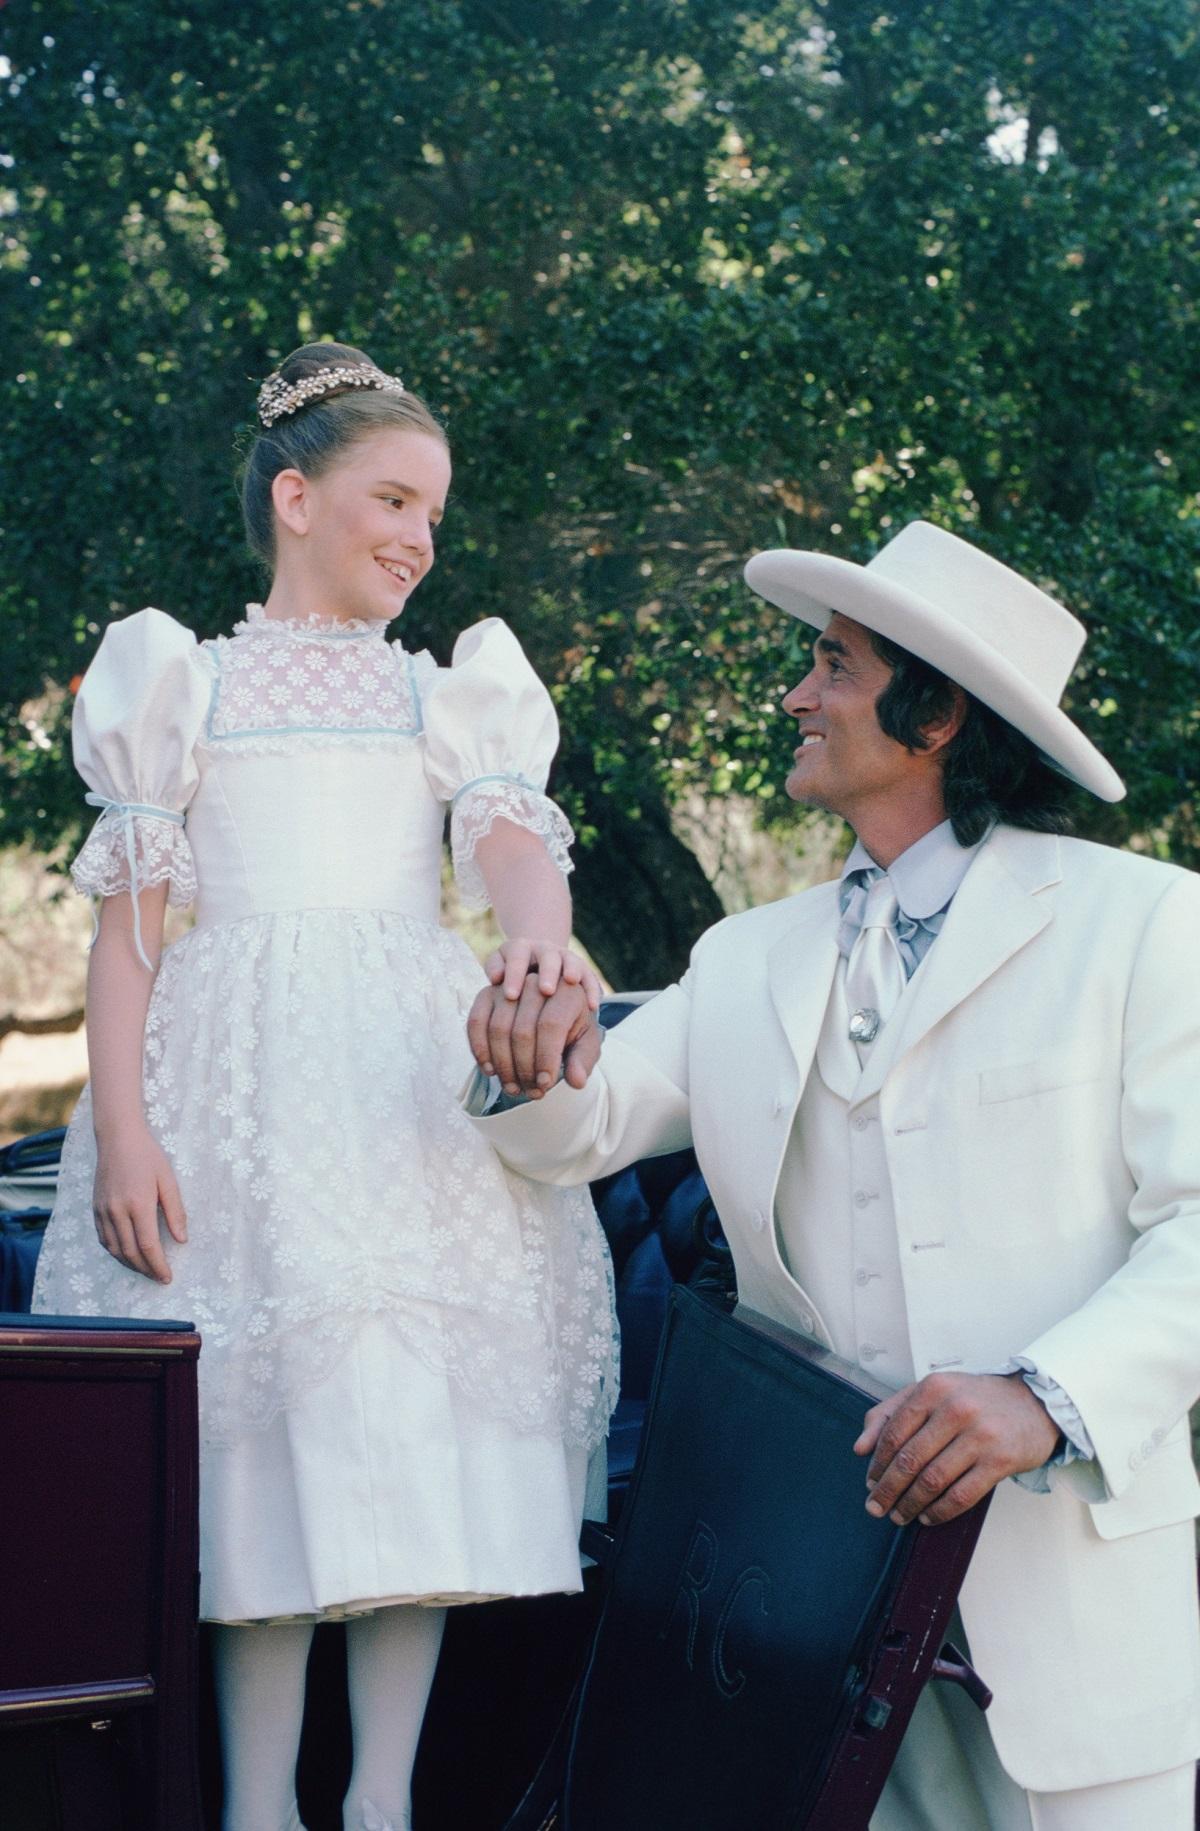 Melissa Gilbert and Michael Landon